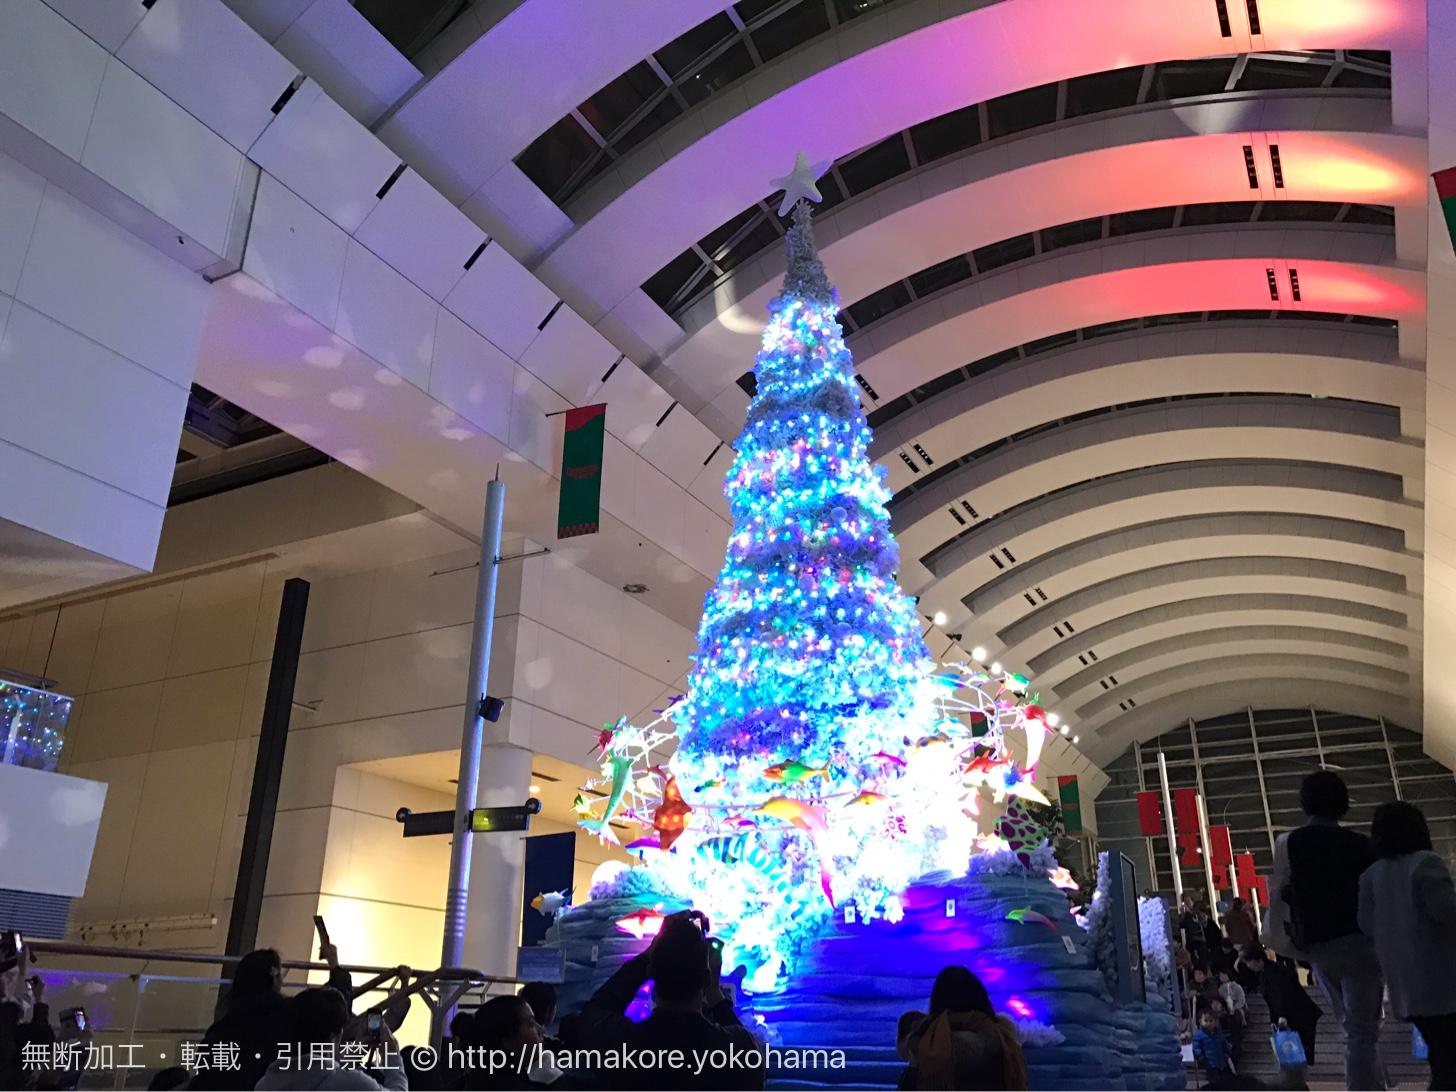 ショーを見せるクリスマスツリー